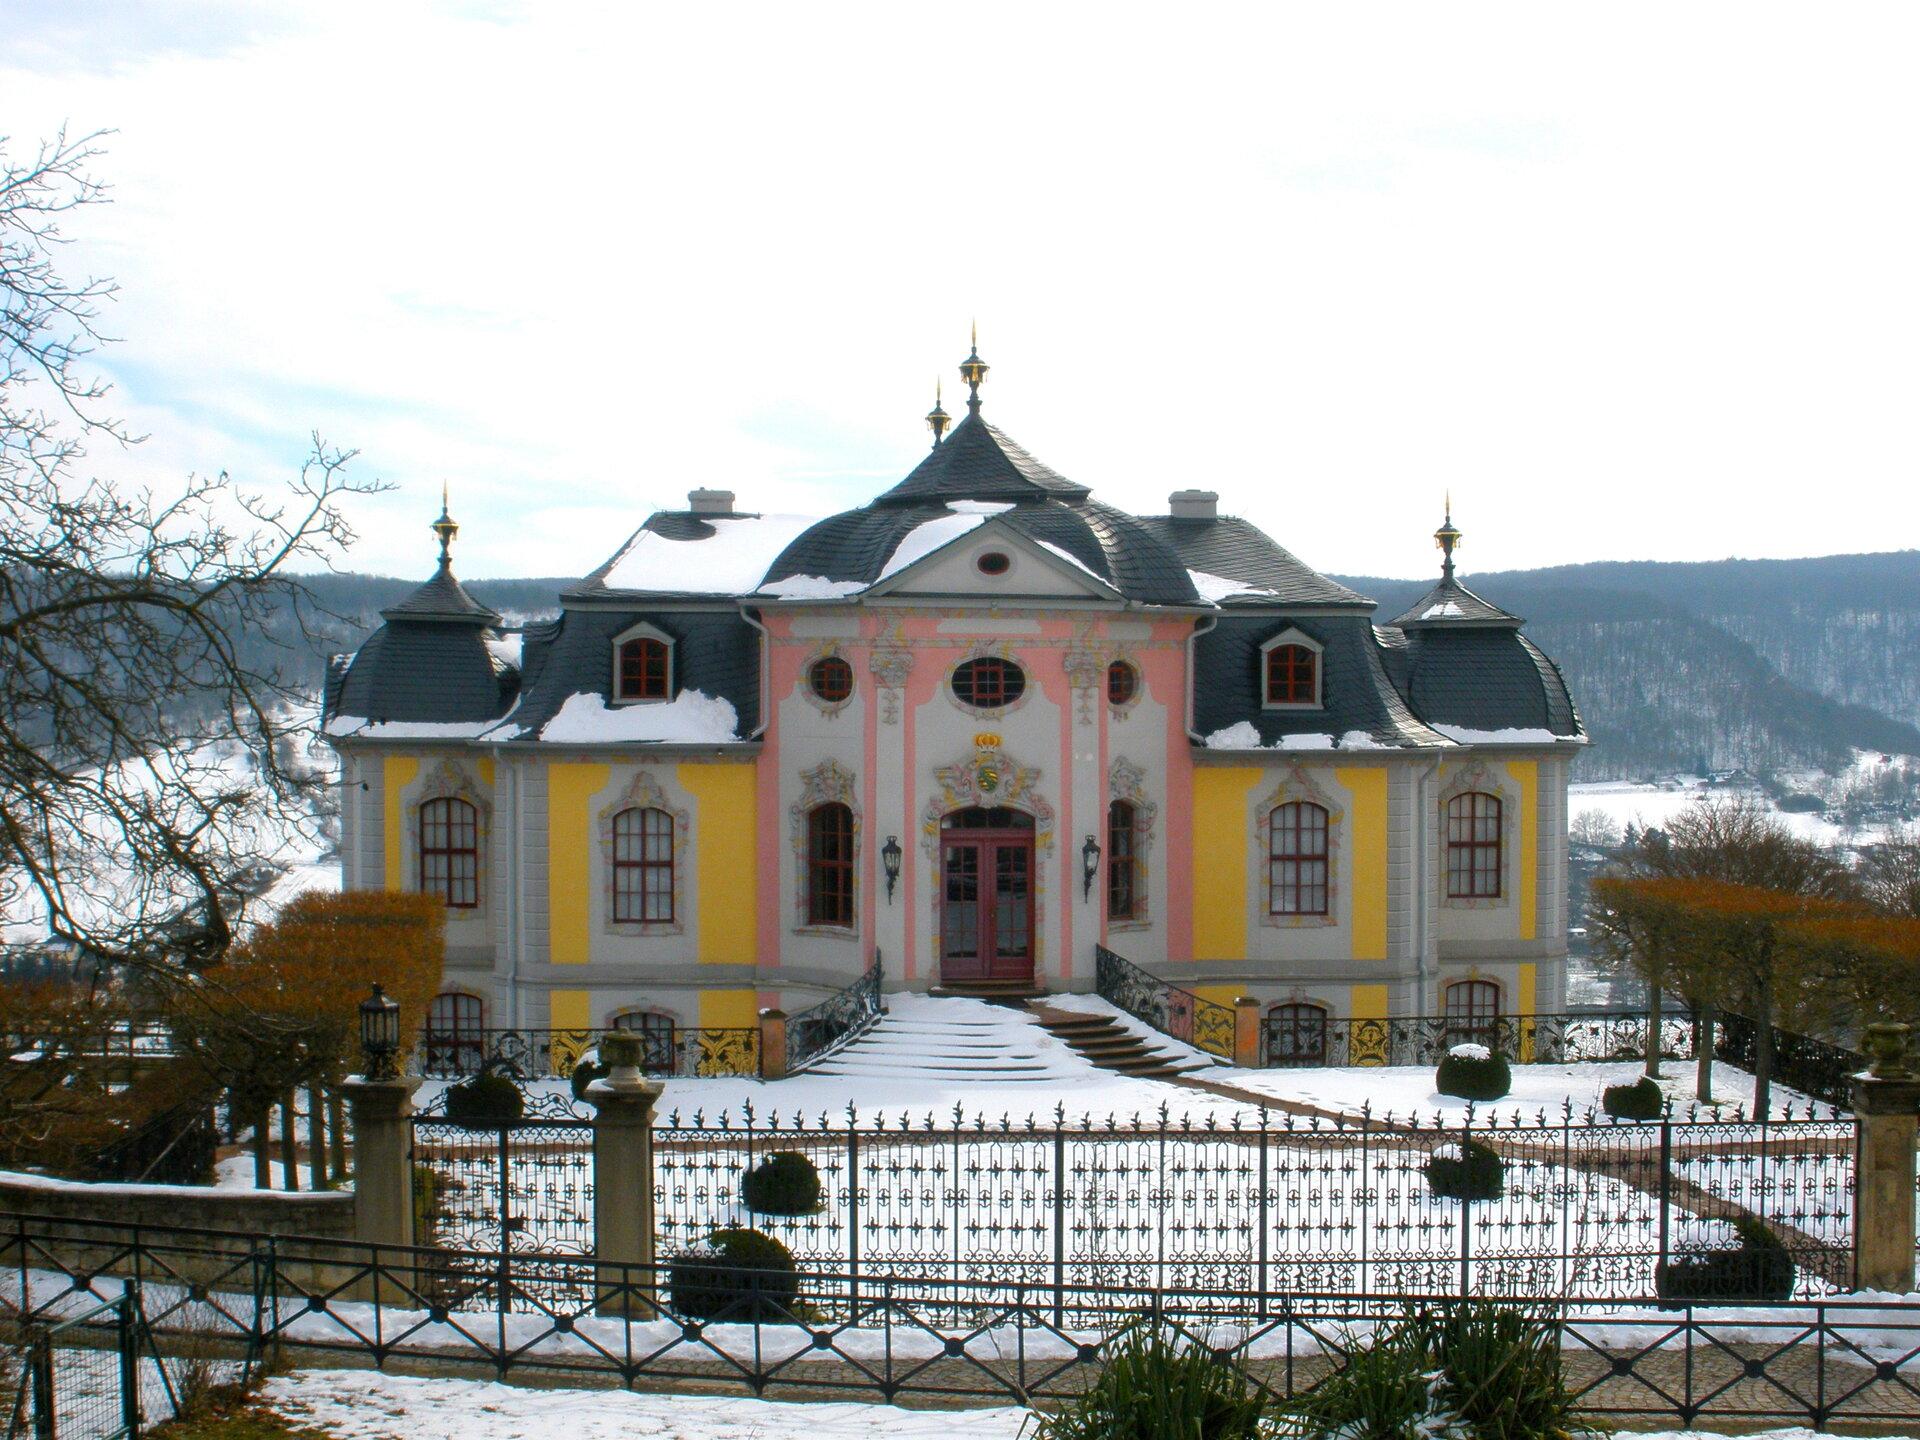 Dornburger Schlösser, Jena